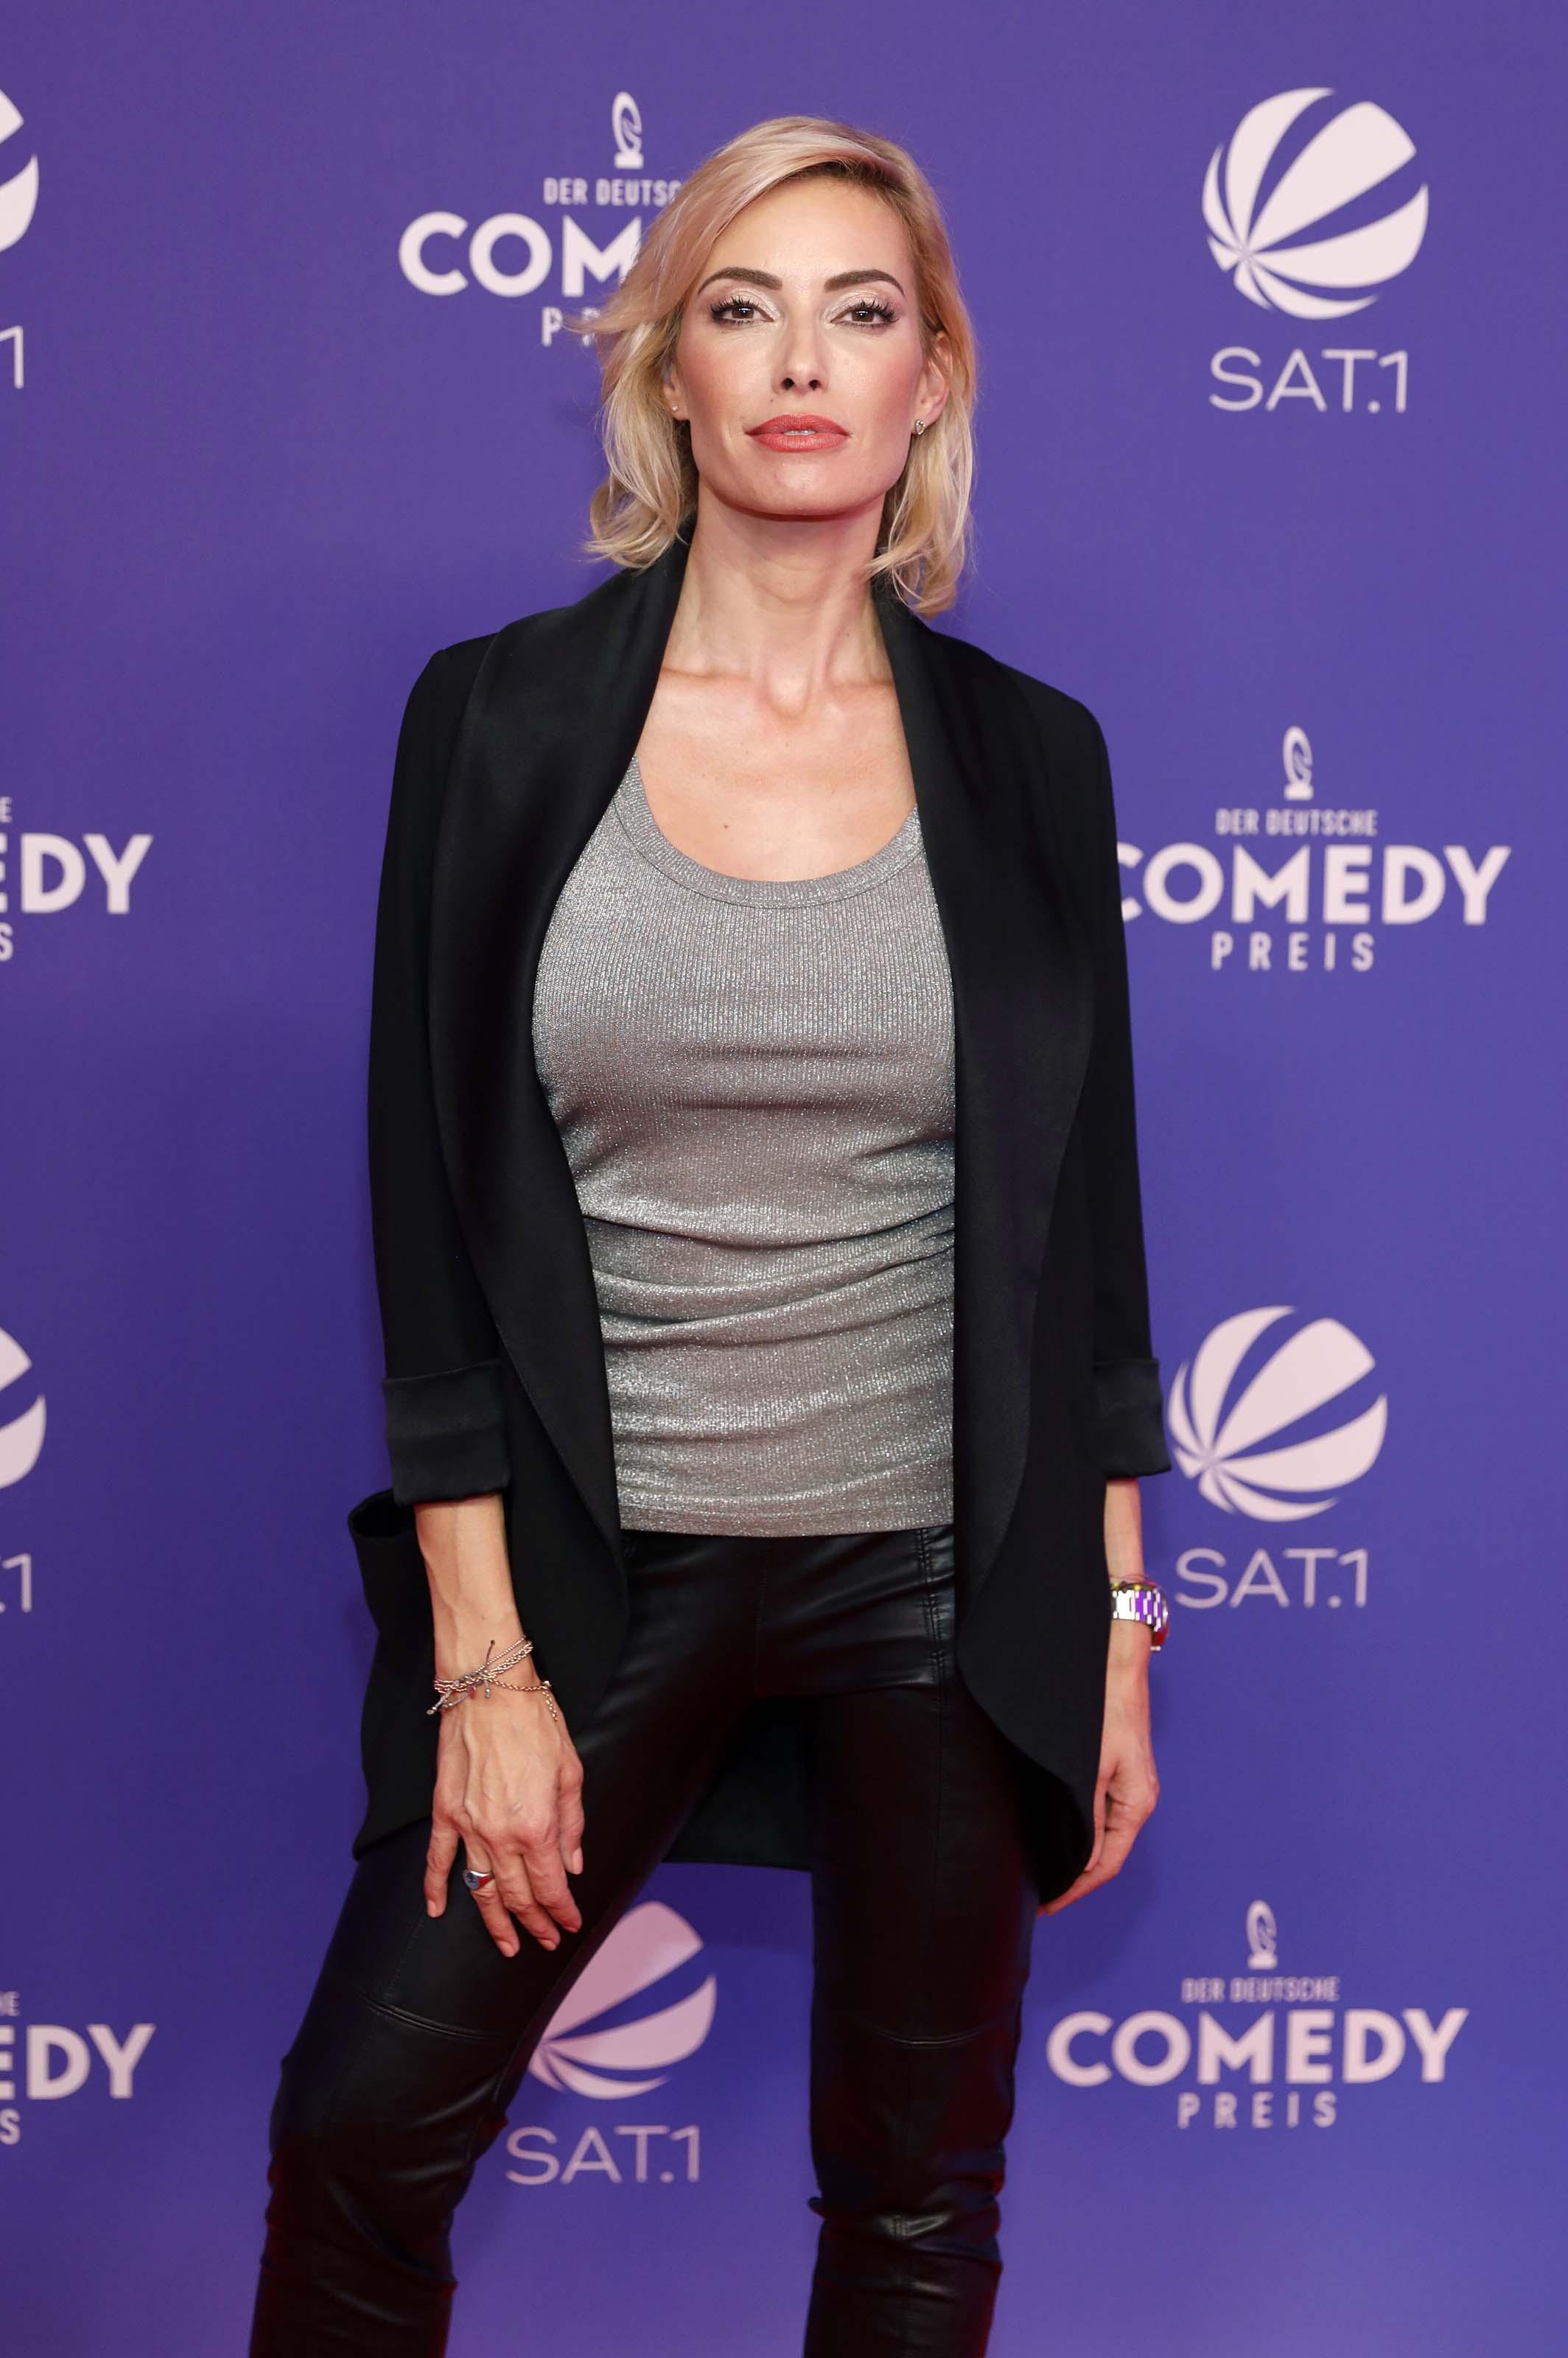 Sarah Valentina Winkhaus attends Verleihung des Deutschen Comedypreises